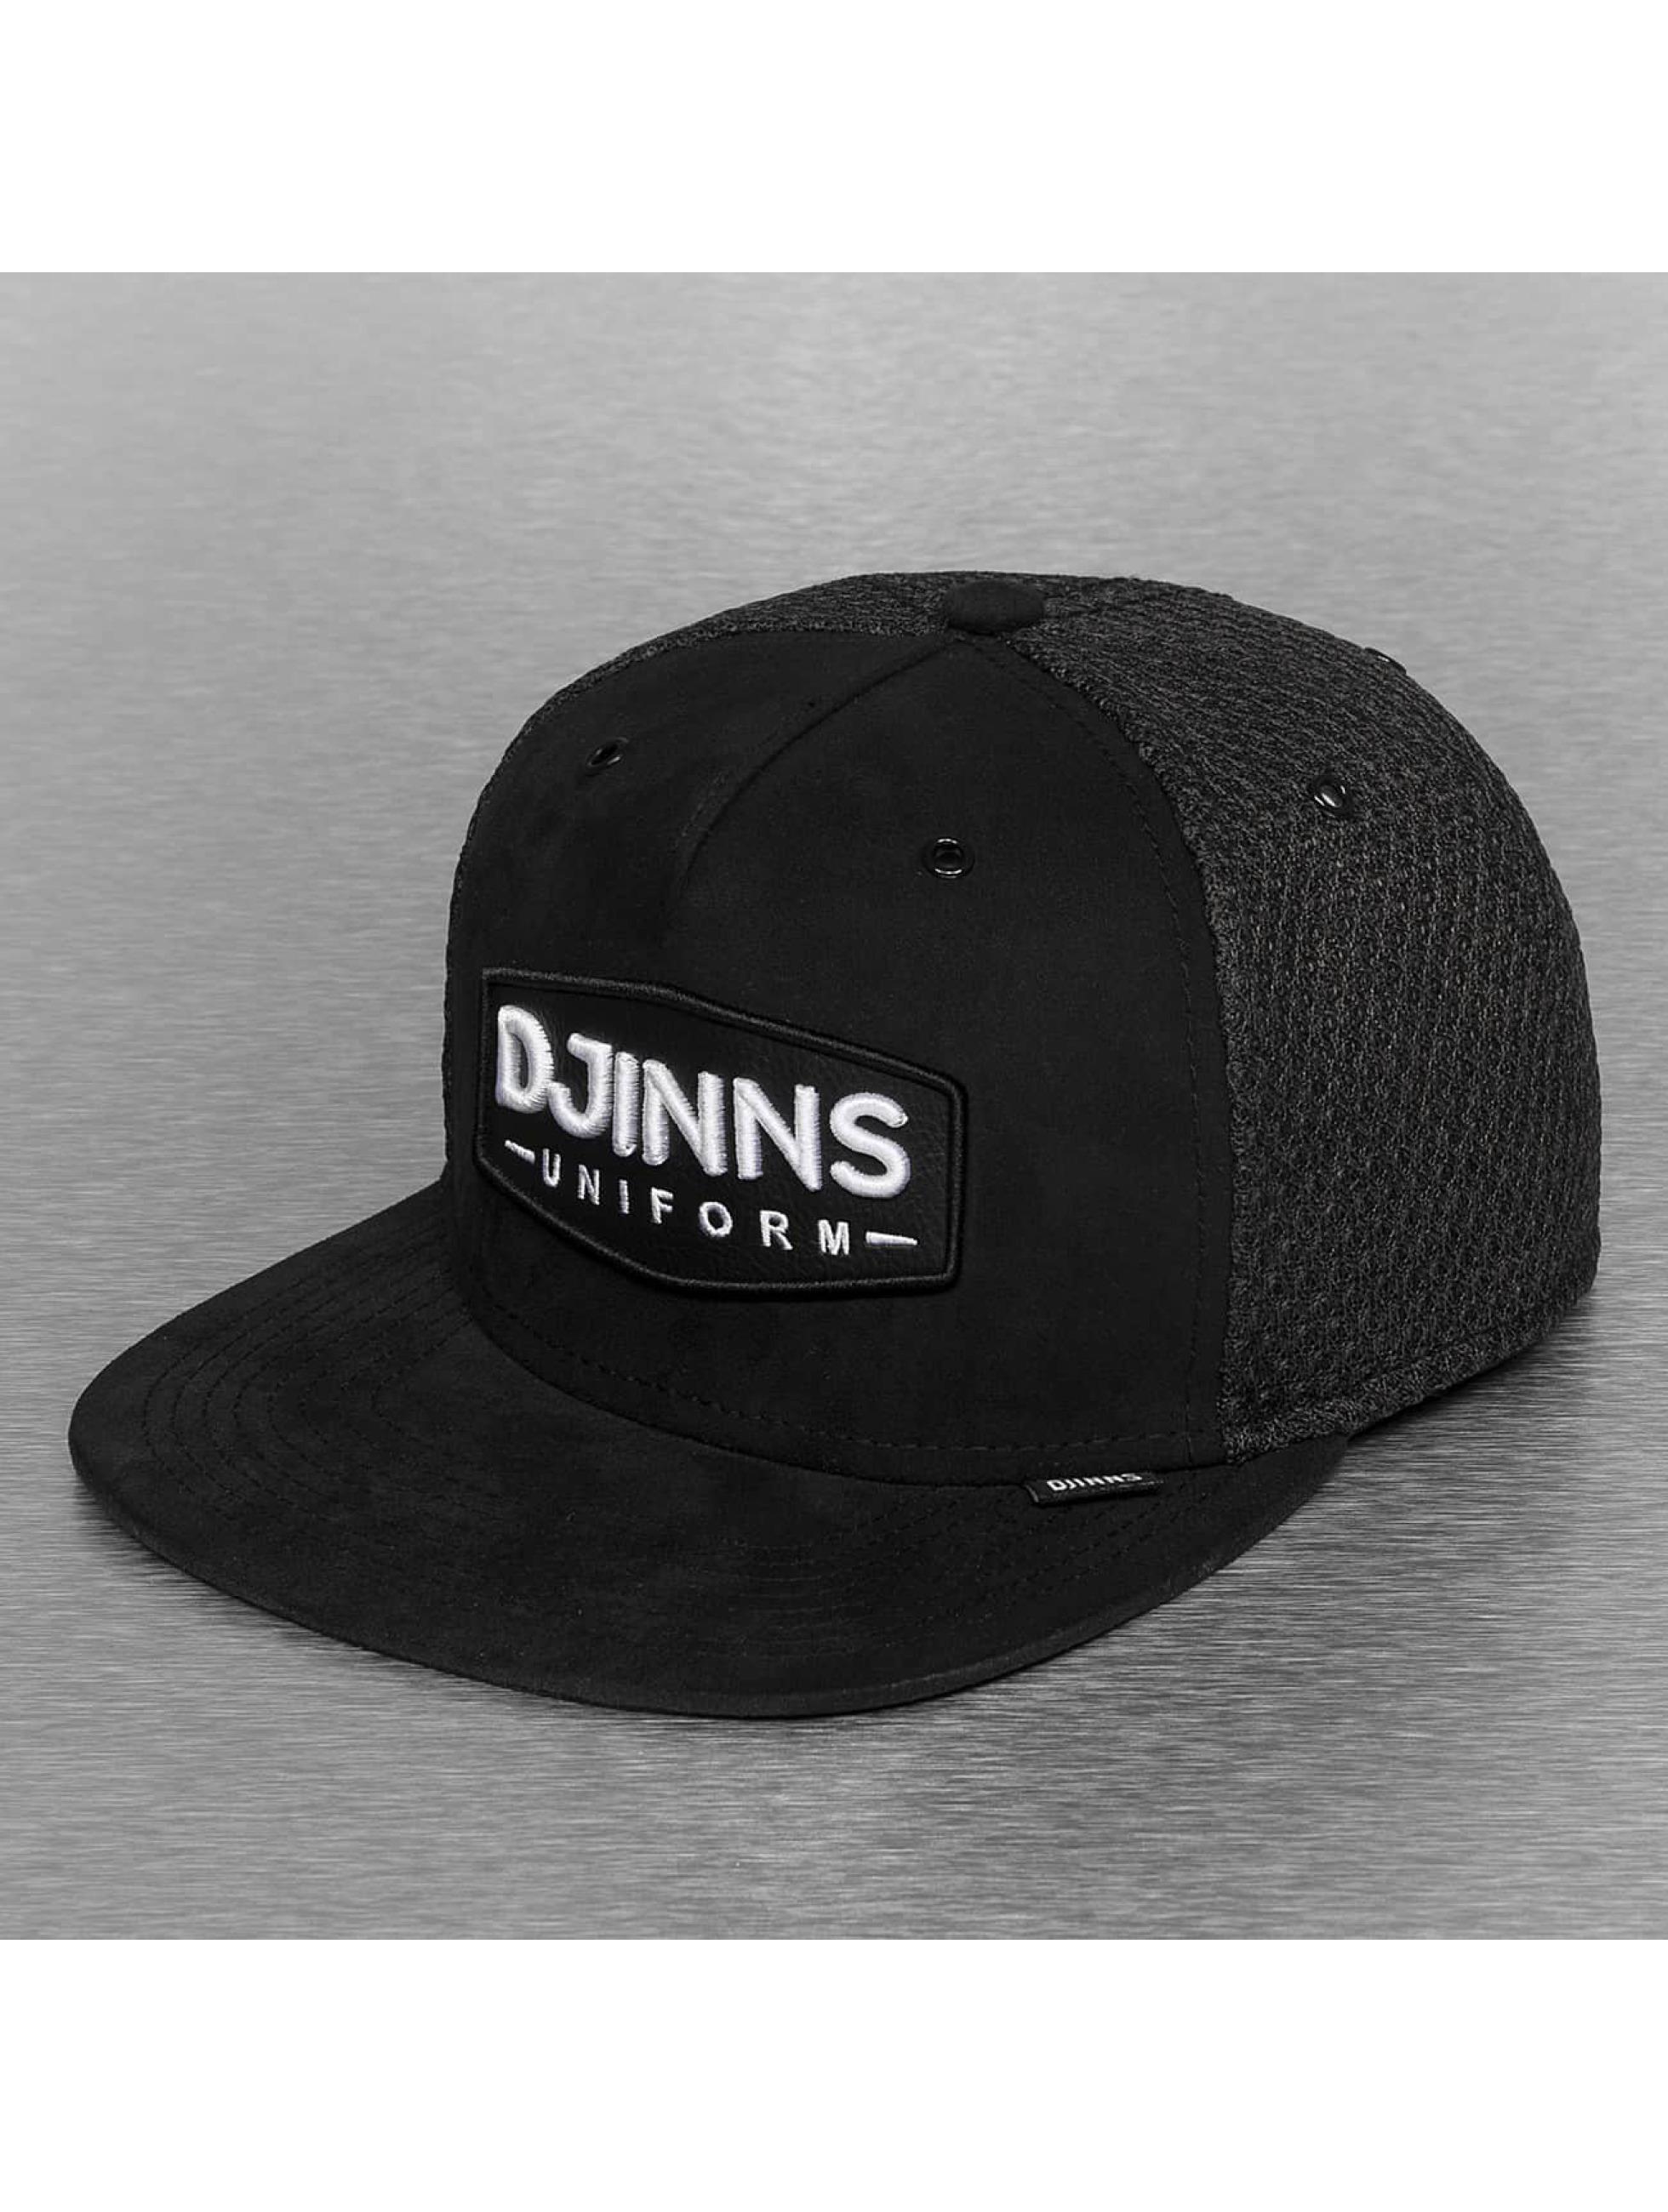 Djinns Кепка тракер Buns & Sons 5 Panel черный